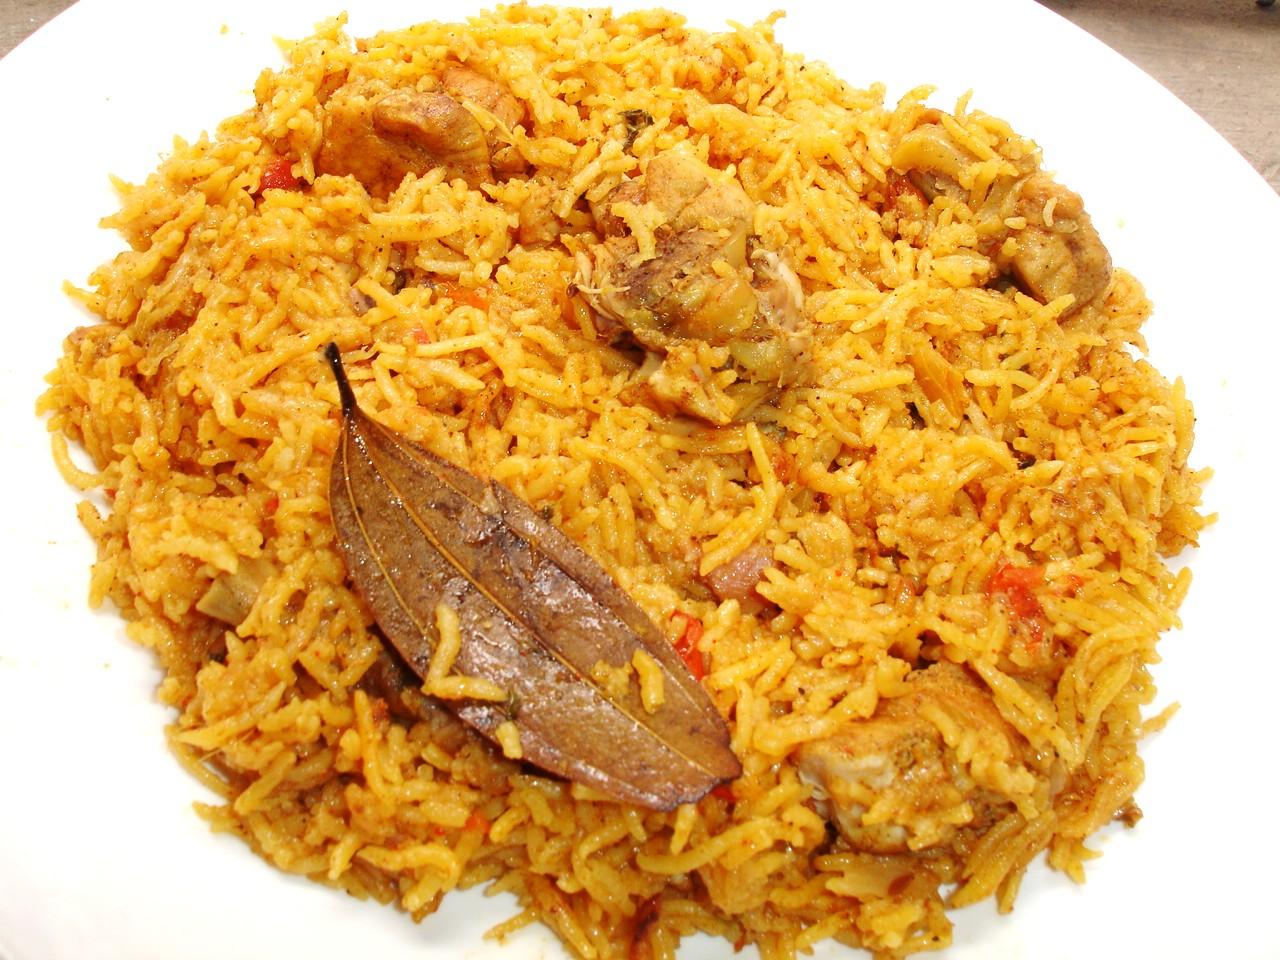 Seetha's Kitchen: Chicken Biryani - II